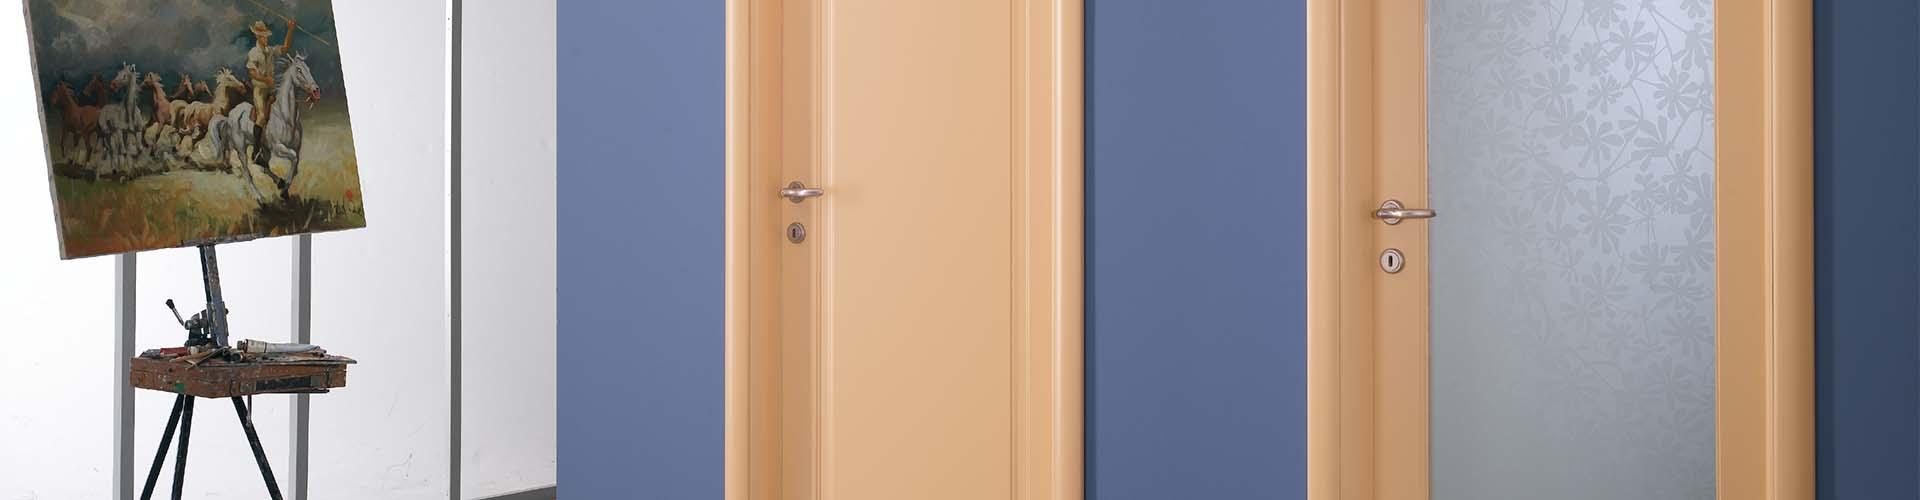 כיצד לבחור דלתות פנים לבית?